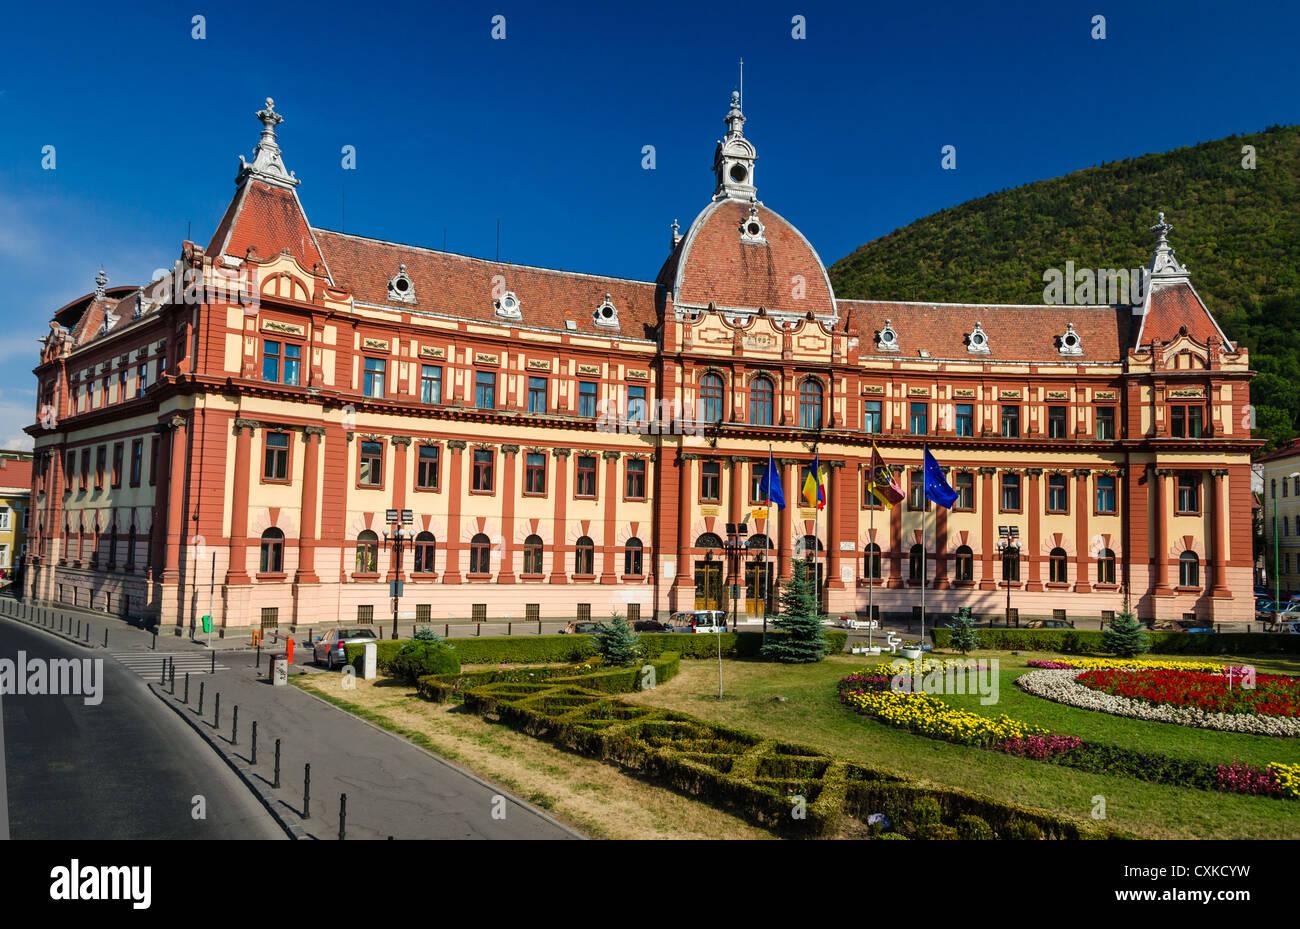 Zentrale Verwaltung Gebäude von Brasov Grafschaft, in Rumänien, neobarocke Architektur Stil des XIX Jahrhunderts. Stockbild